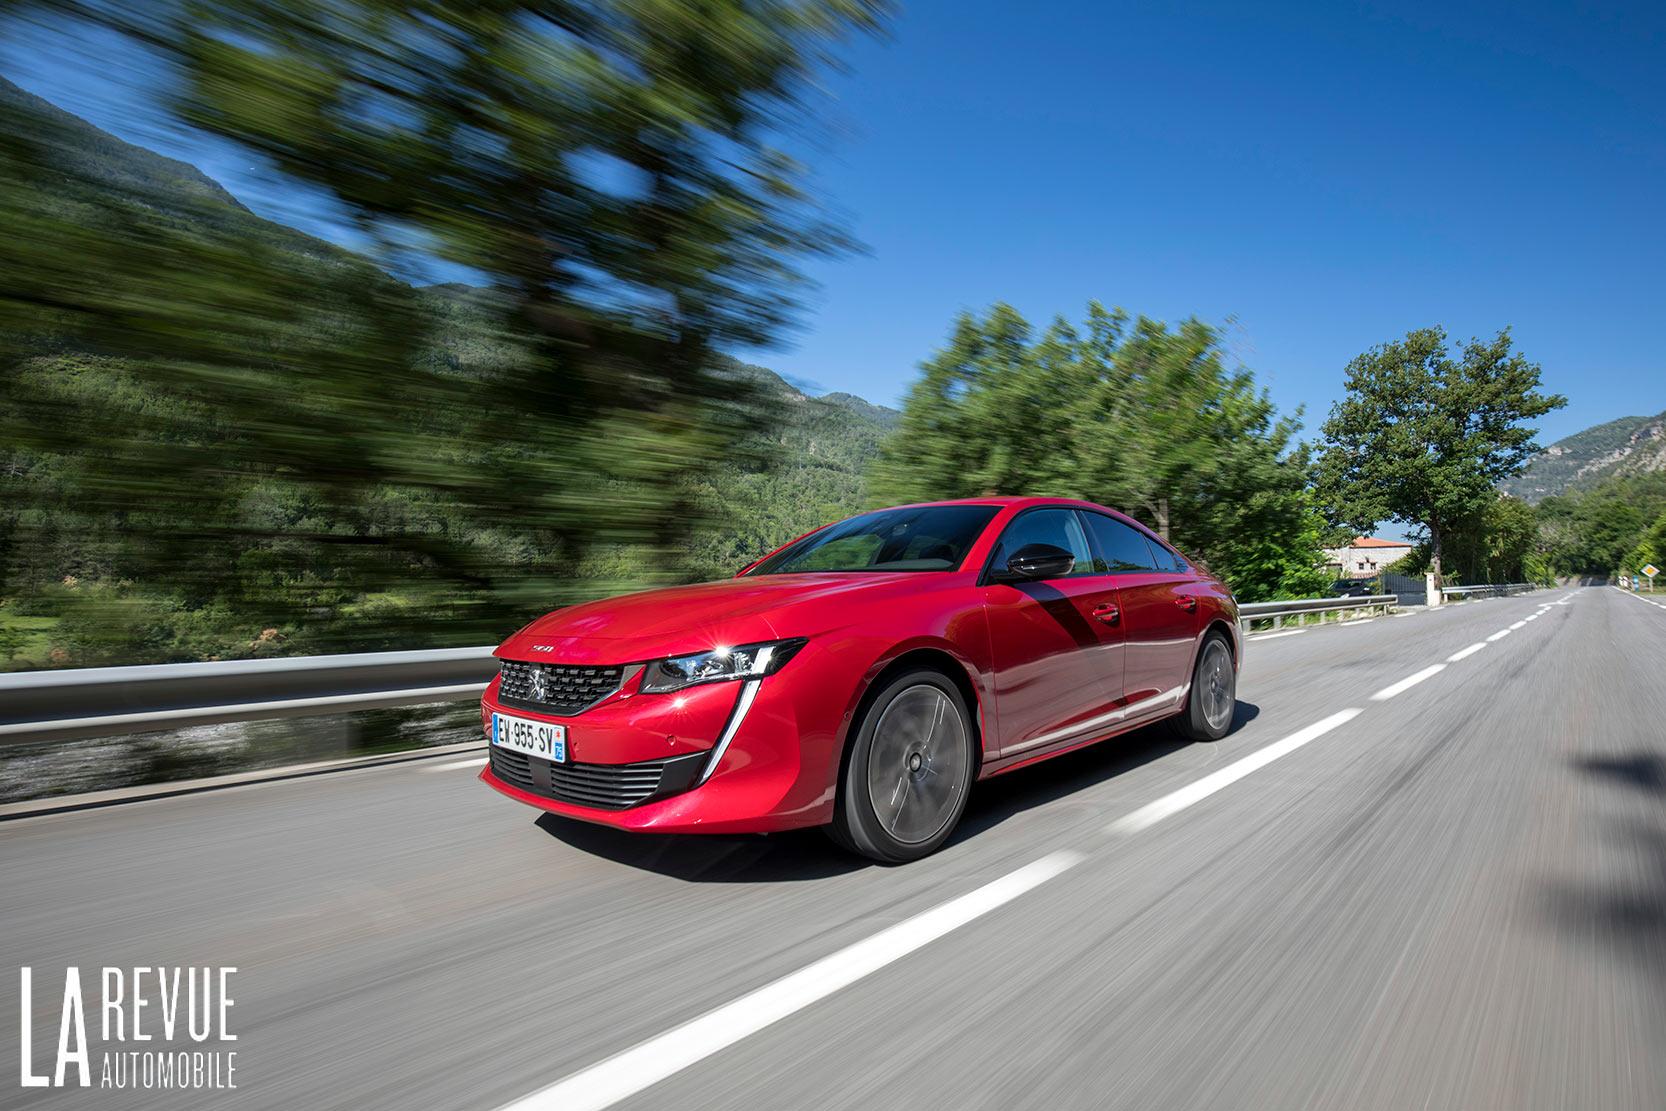 Essai de la nouvelle Peugeot 508 GT, en couleur rouge elle s'avance avec un style sportif